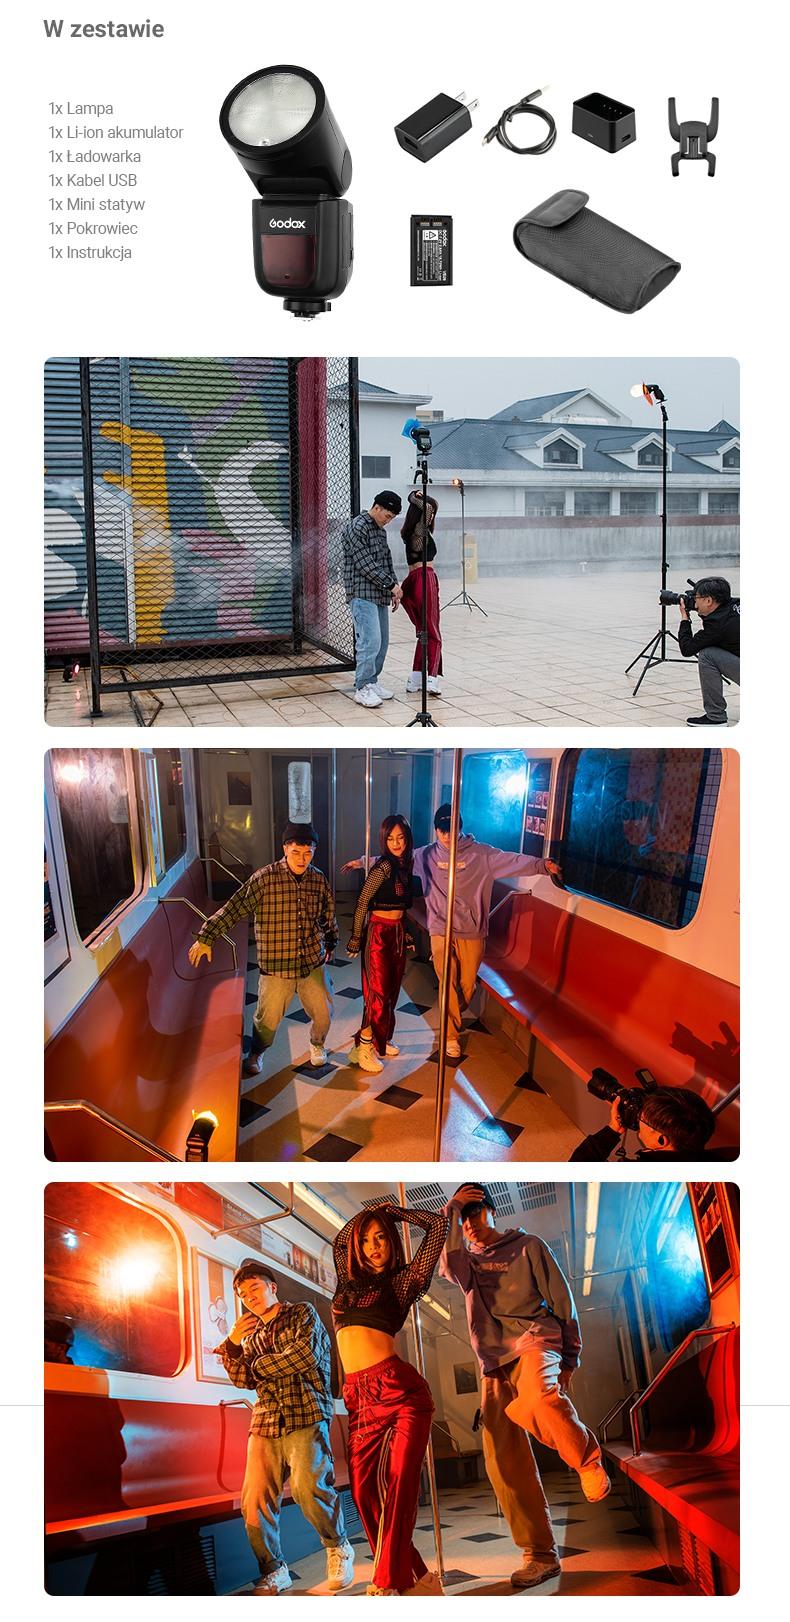 Godox V1 w zestawie, zdjęcia wykonane przy użyciu V1, backstage.